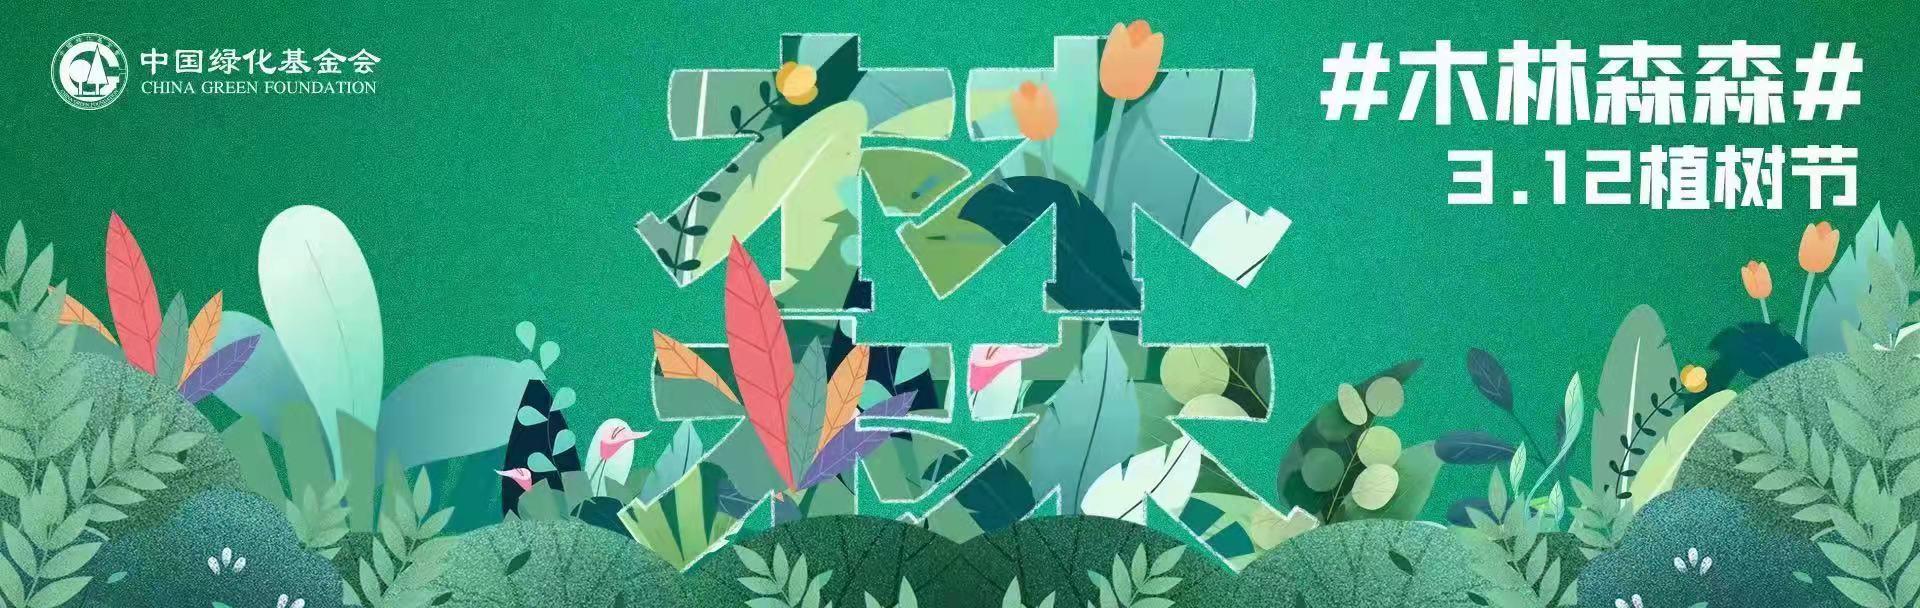 3月12日植树节的生态意义,我们为什么要植树